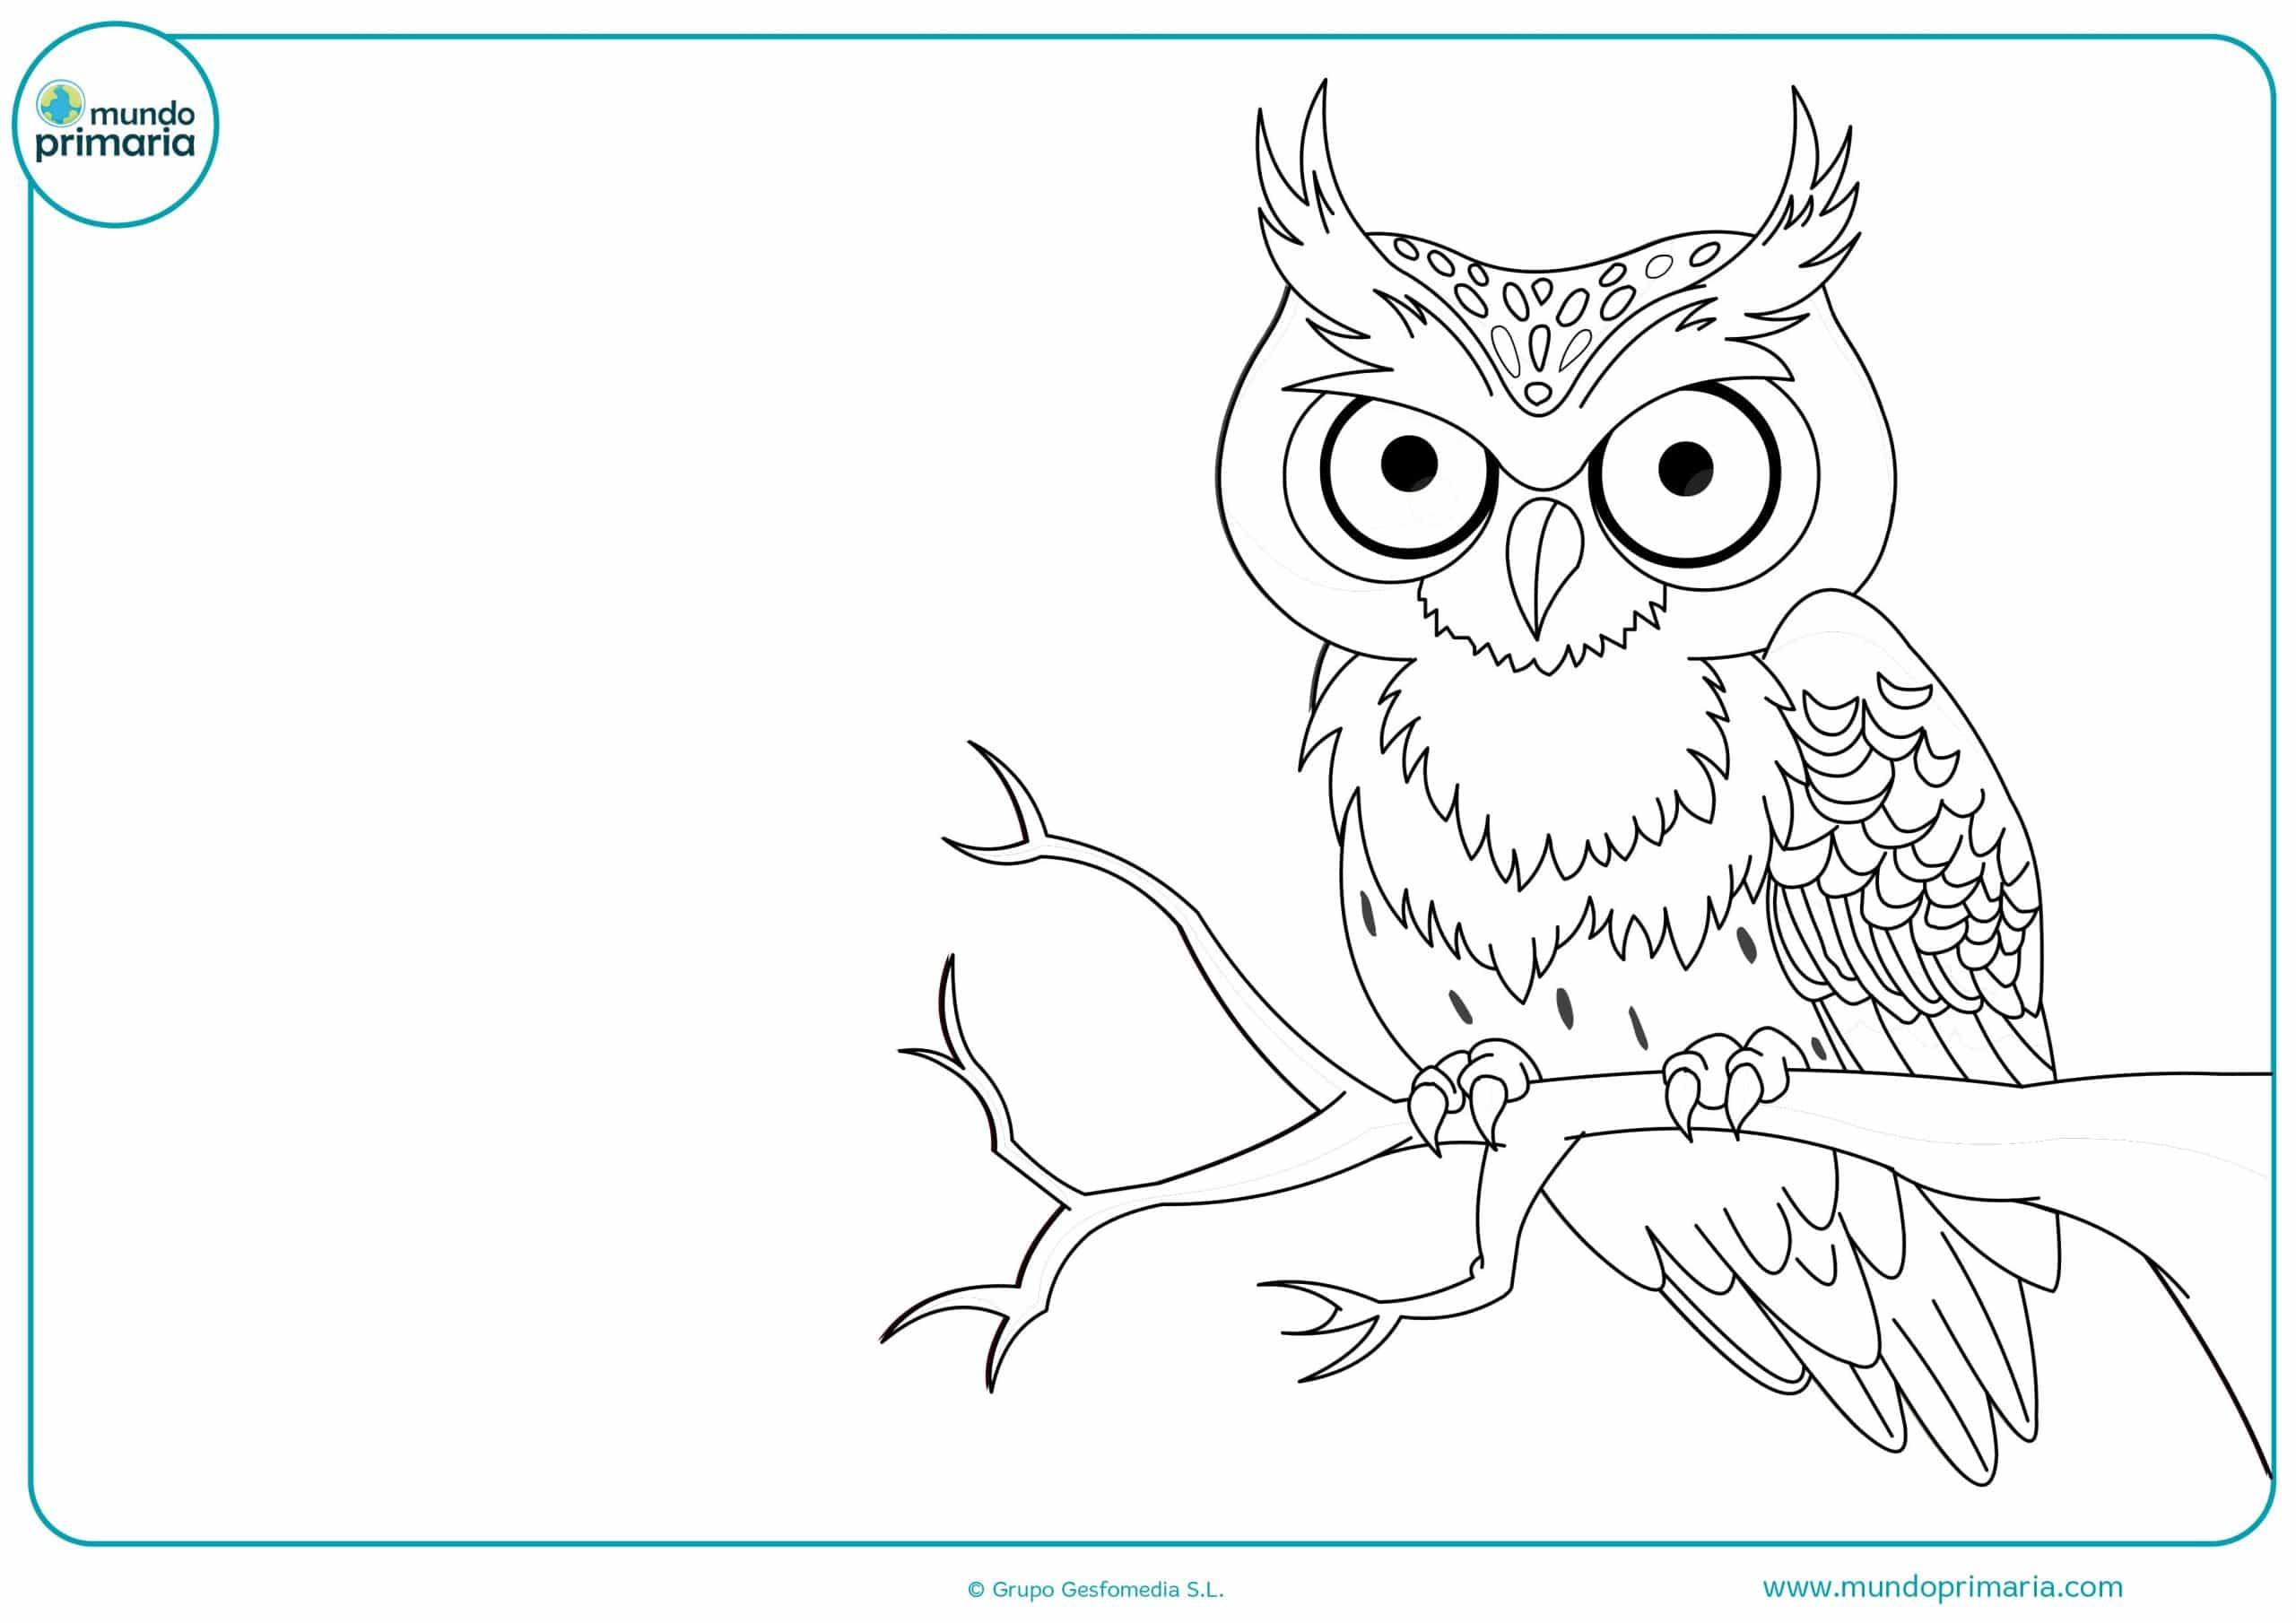 Dibujos de animales del bosque para colorear - Mundo Primaria